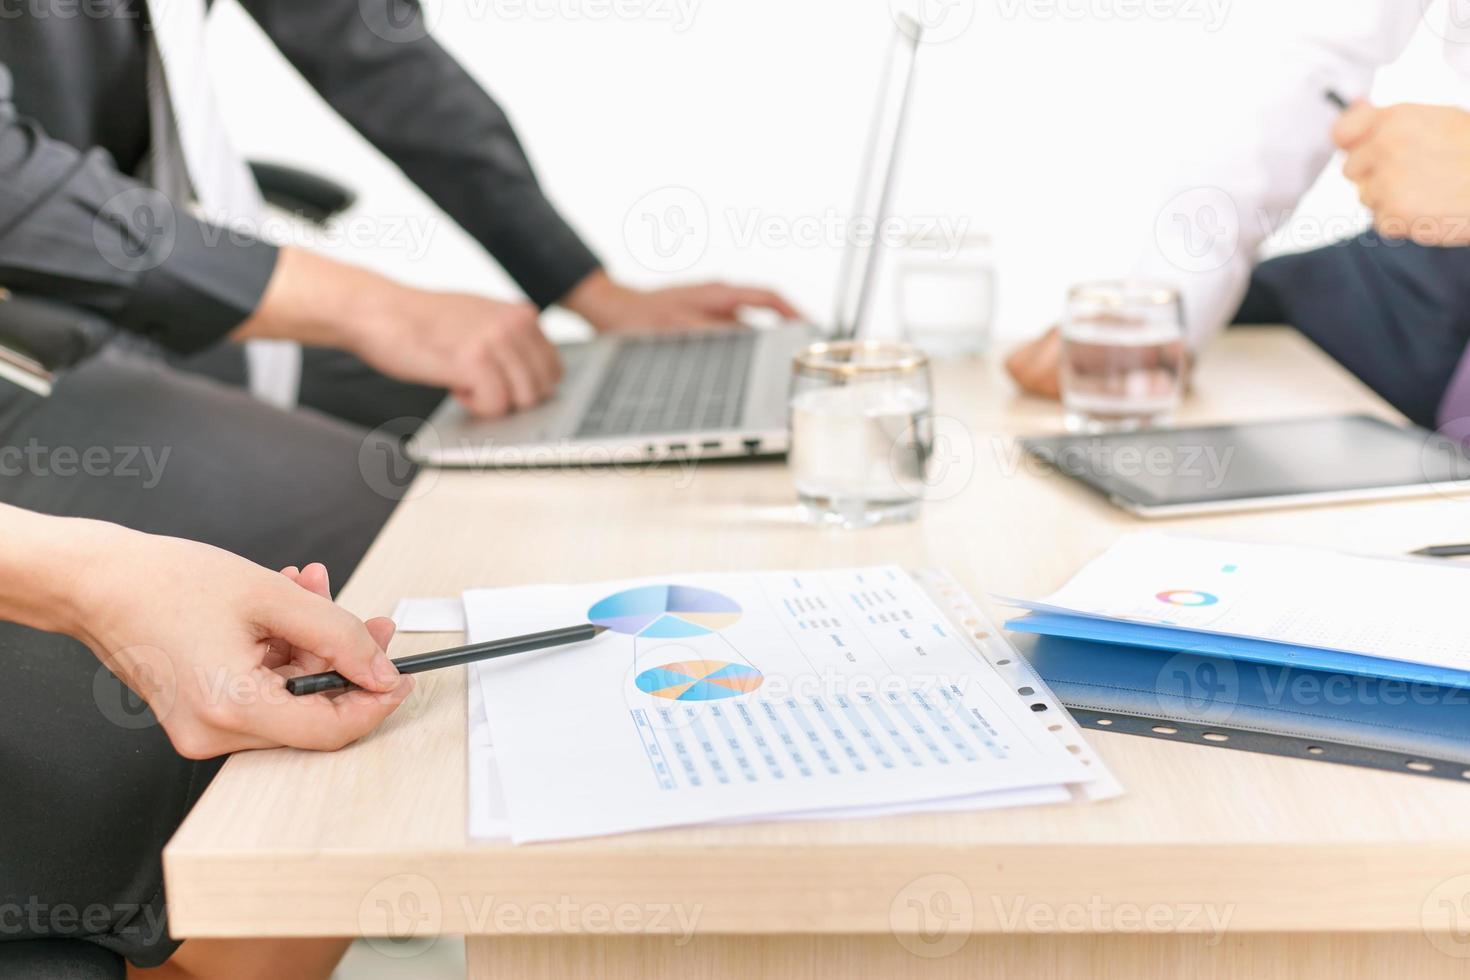 gros plan graphique et tableaux sur table lors d'une réunion d'affaires photo